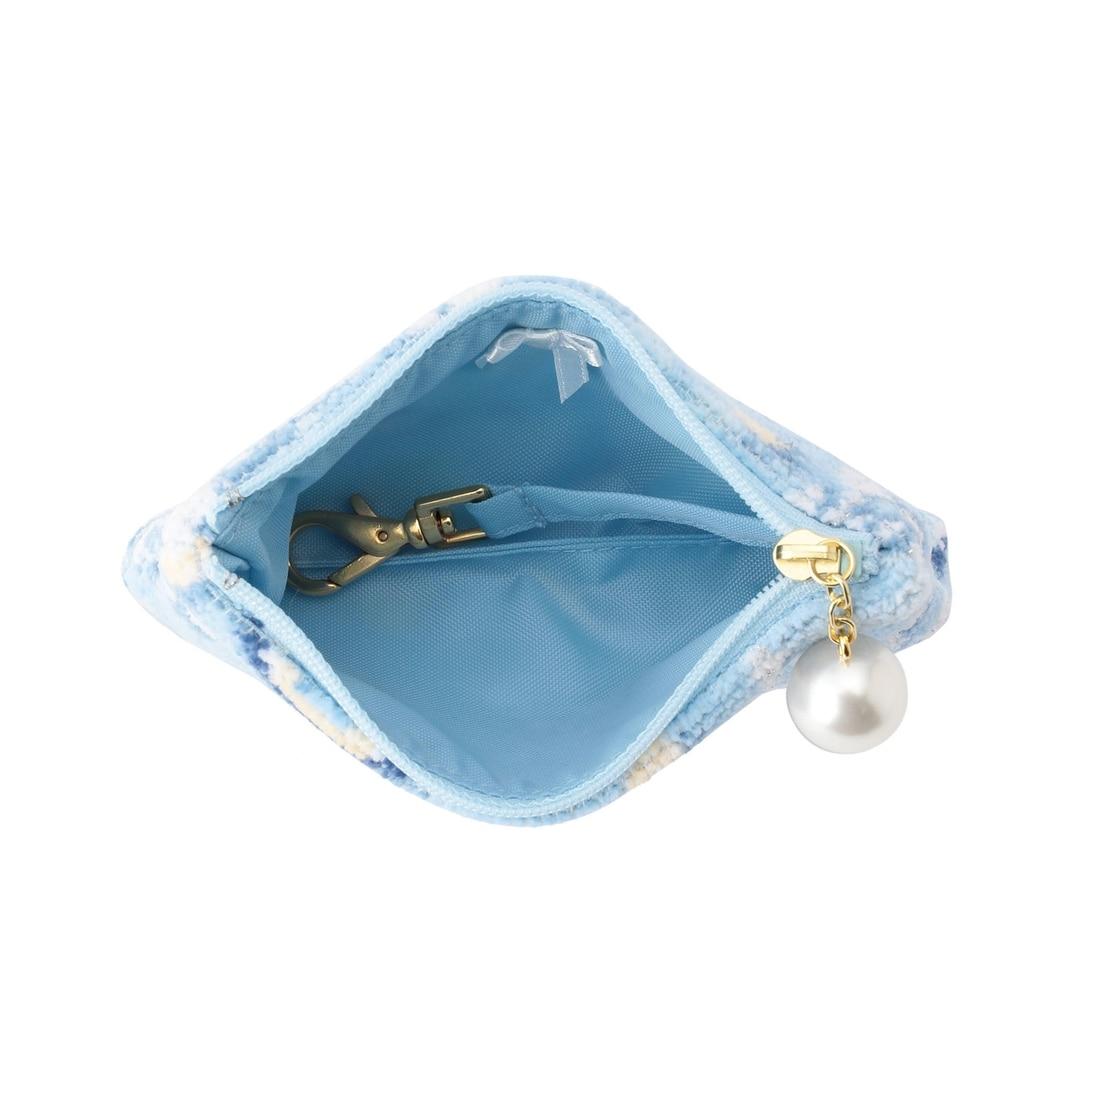 サムシングブルー キーポーチ L/SMB-173047